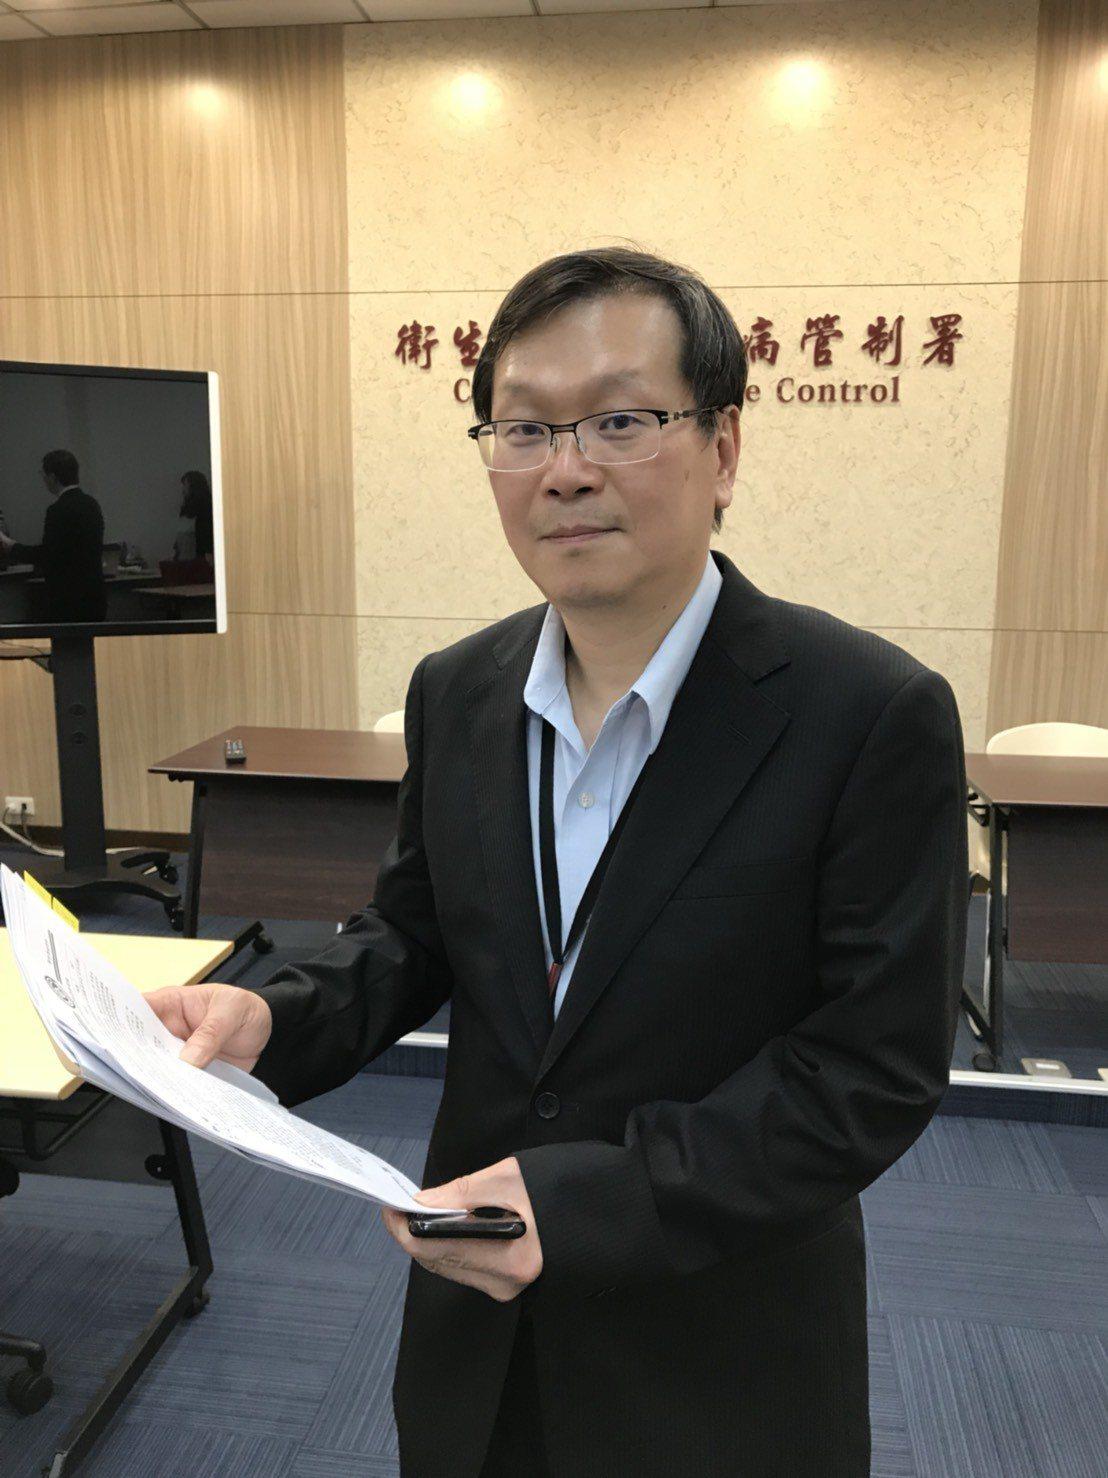 疾管署副署長莊人祥表示,本週新增3例日本腦炎病例,及1例死亡病例,呼籲民眾出入高...